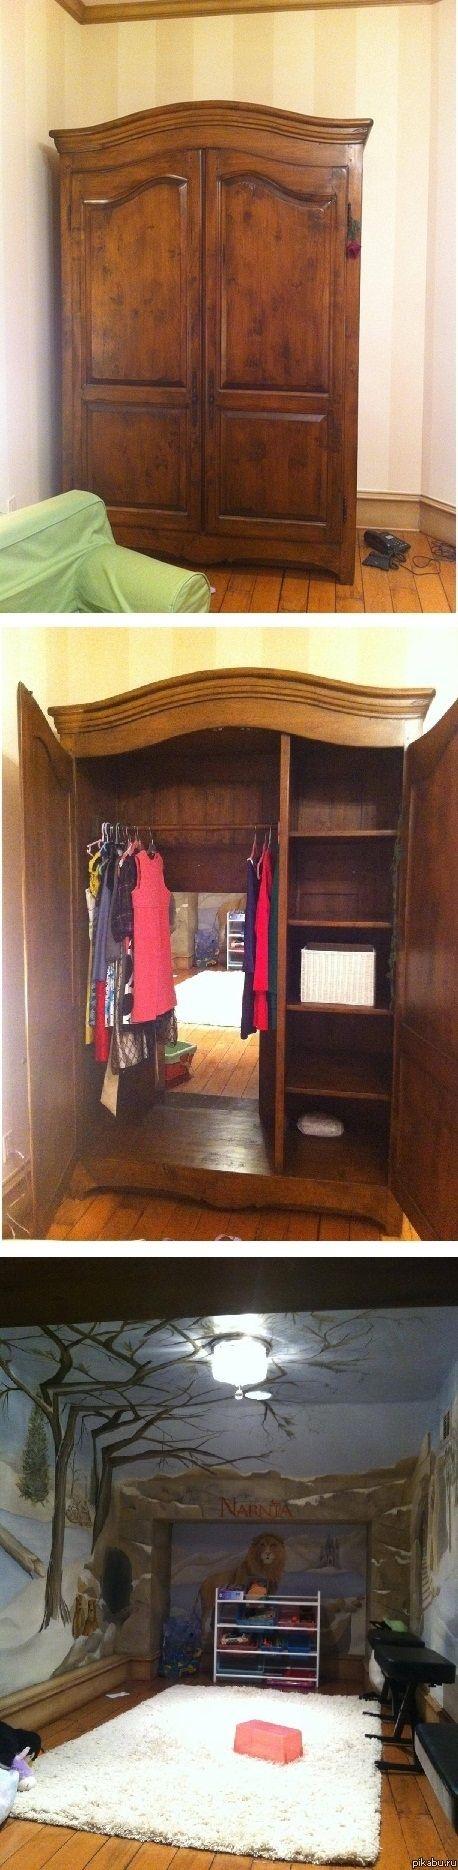 Narnia room! Entrance through a wardrobe... how cute!